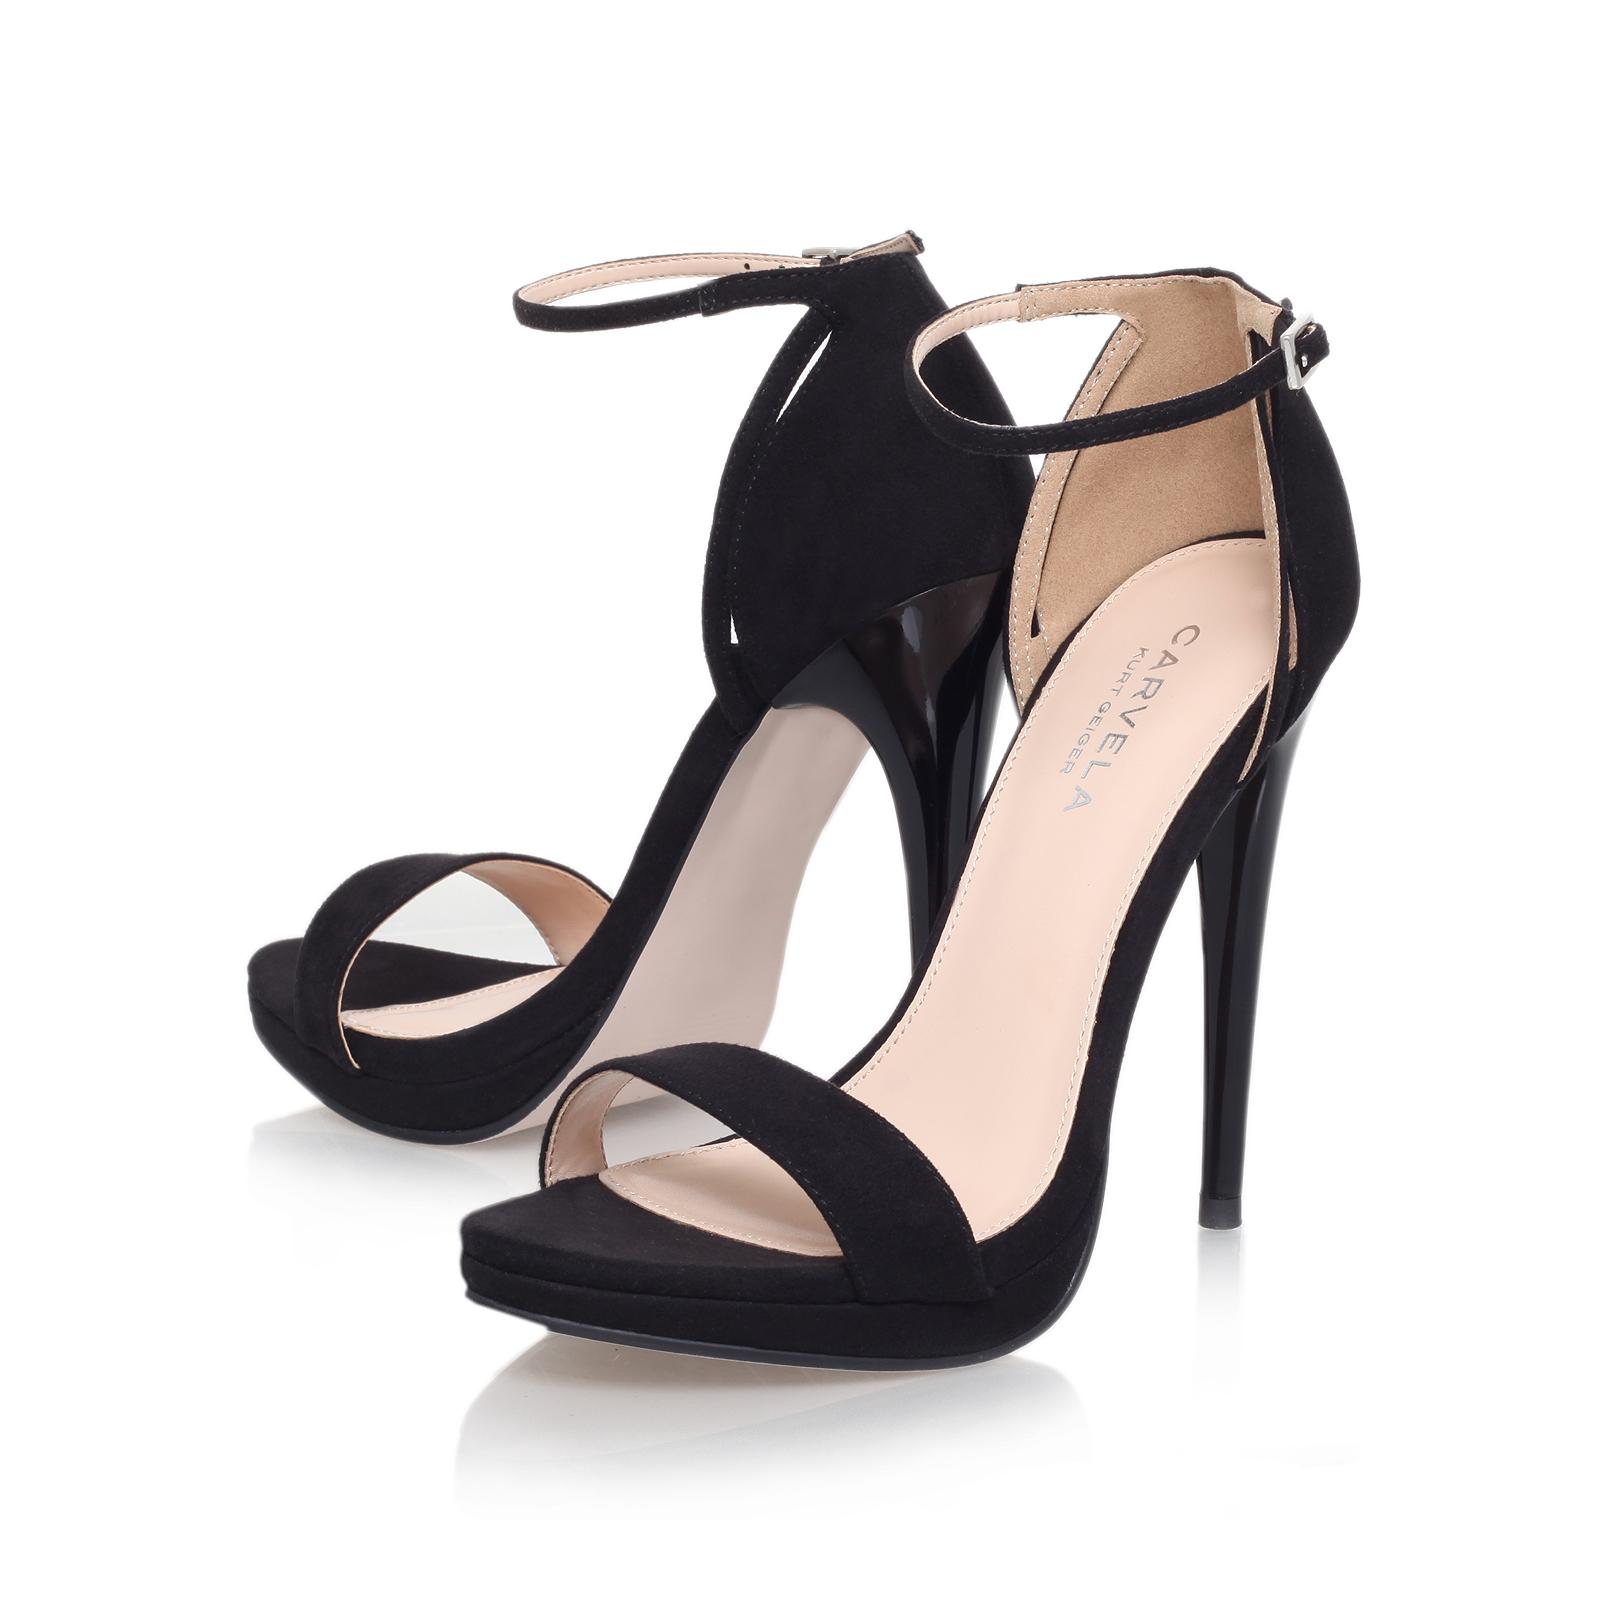 Kurt Geiger Children S Shoes